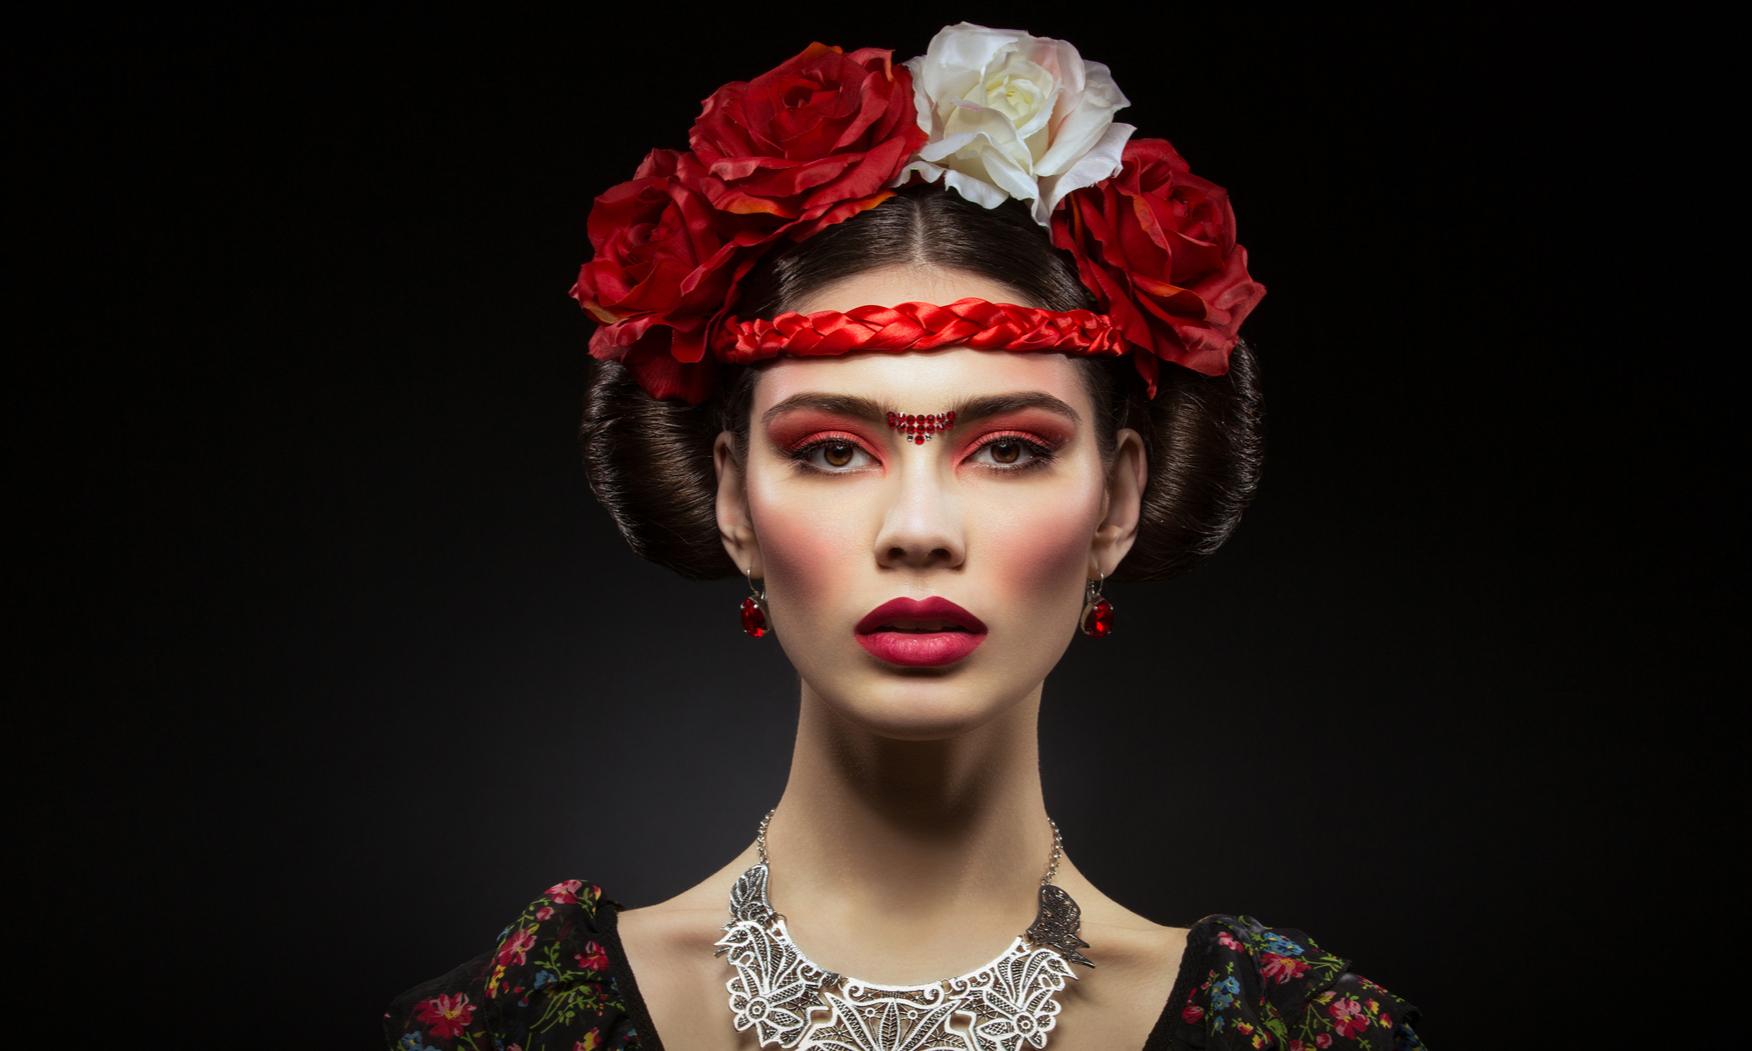 13 устрашающих стандартов красоты из прошлого